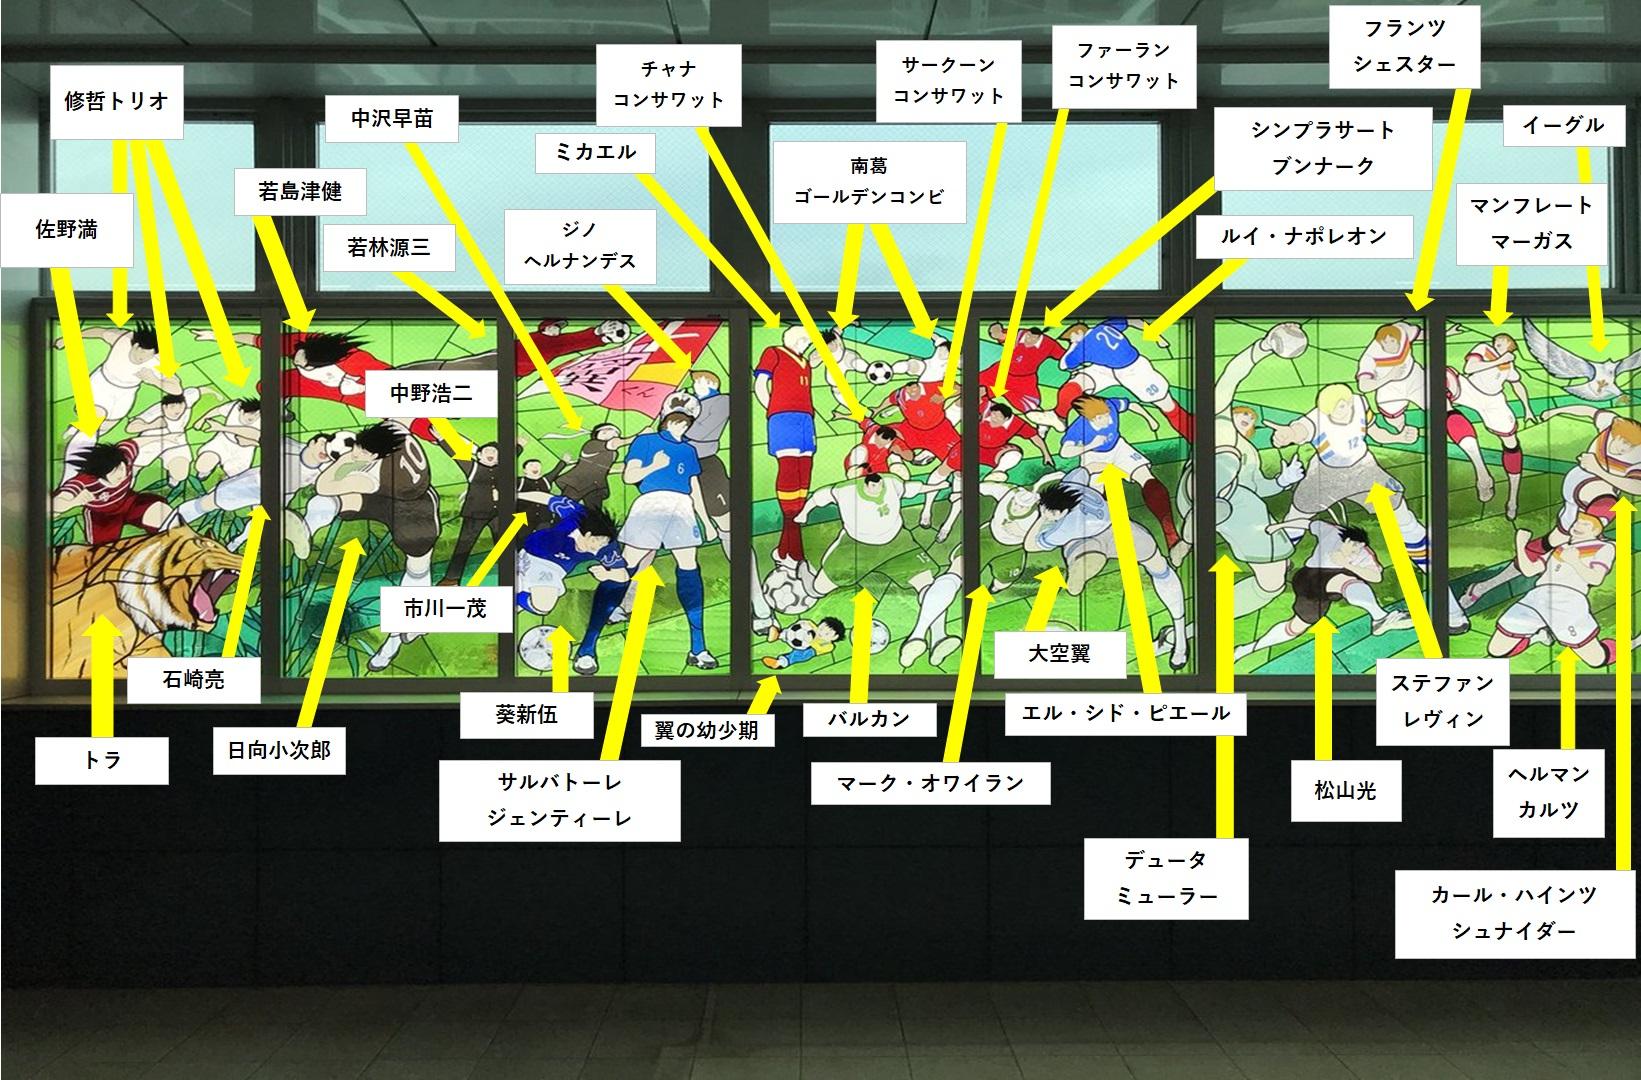 浦和美園駅のキャプテン翼ステンドグラス2